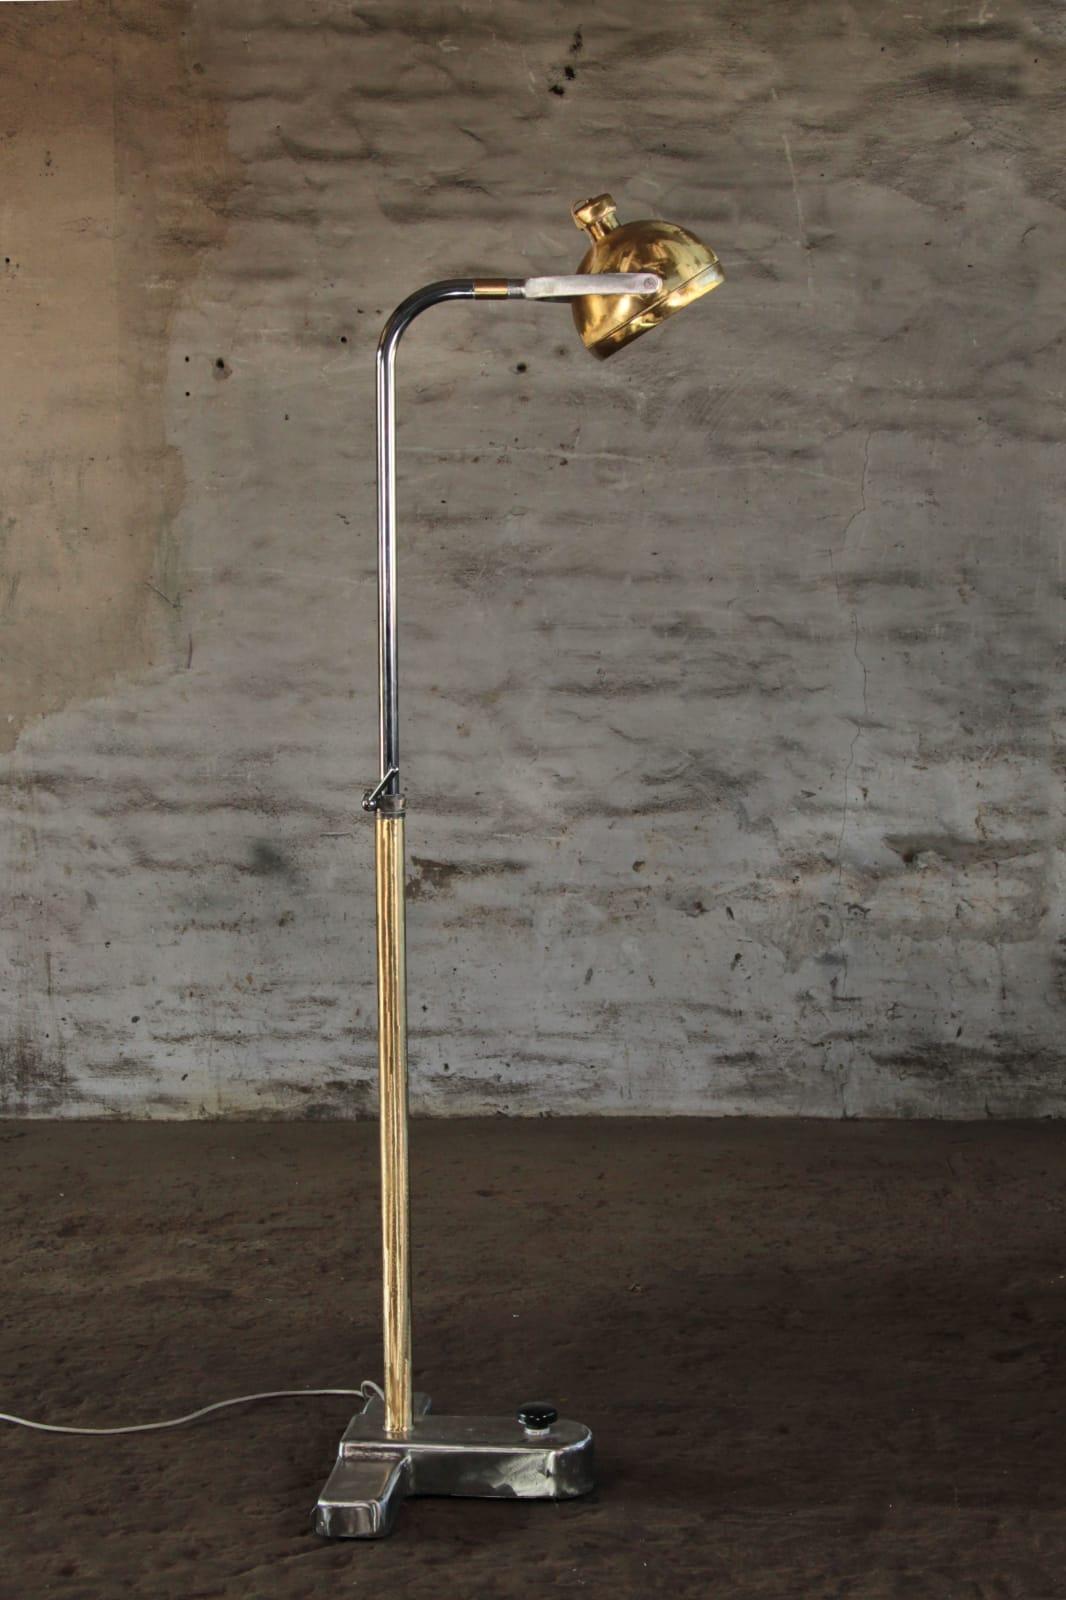 Arztlampe Carl Zeiss CL 09